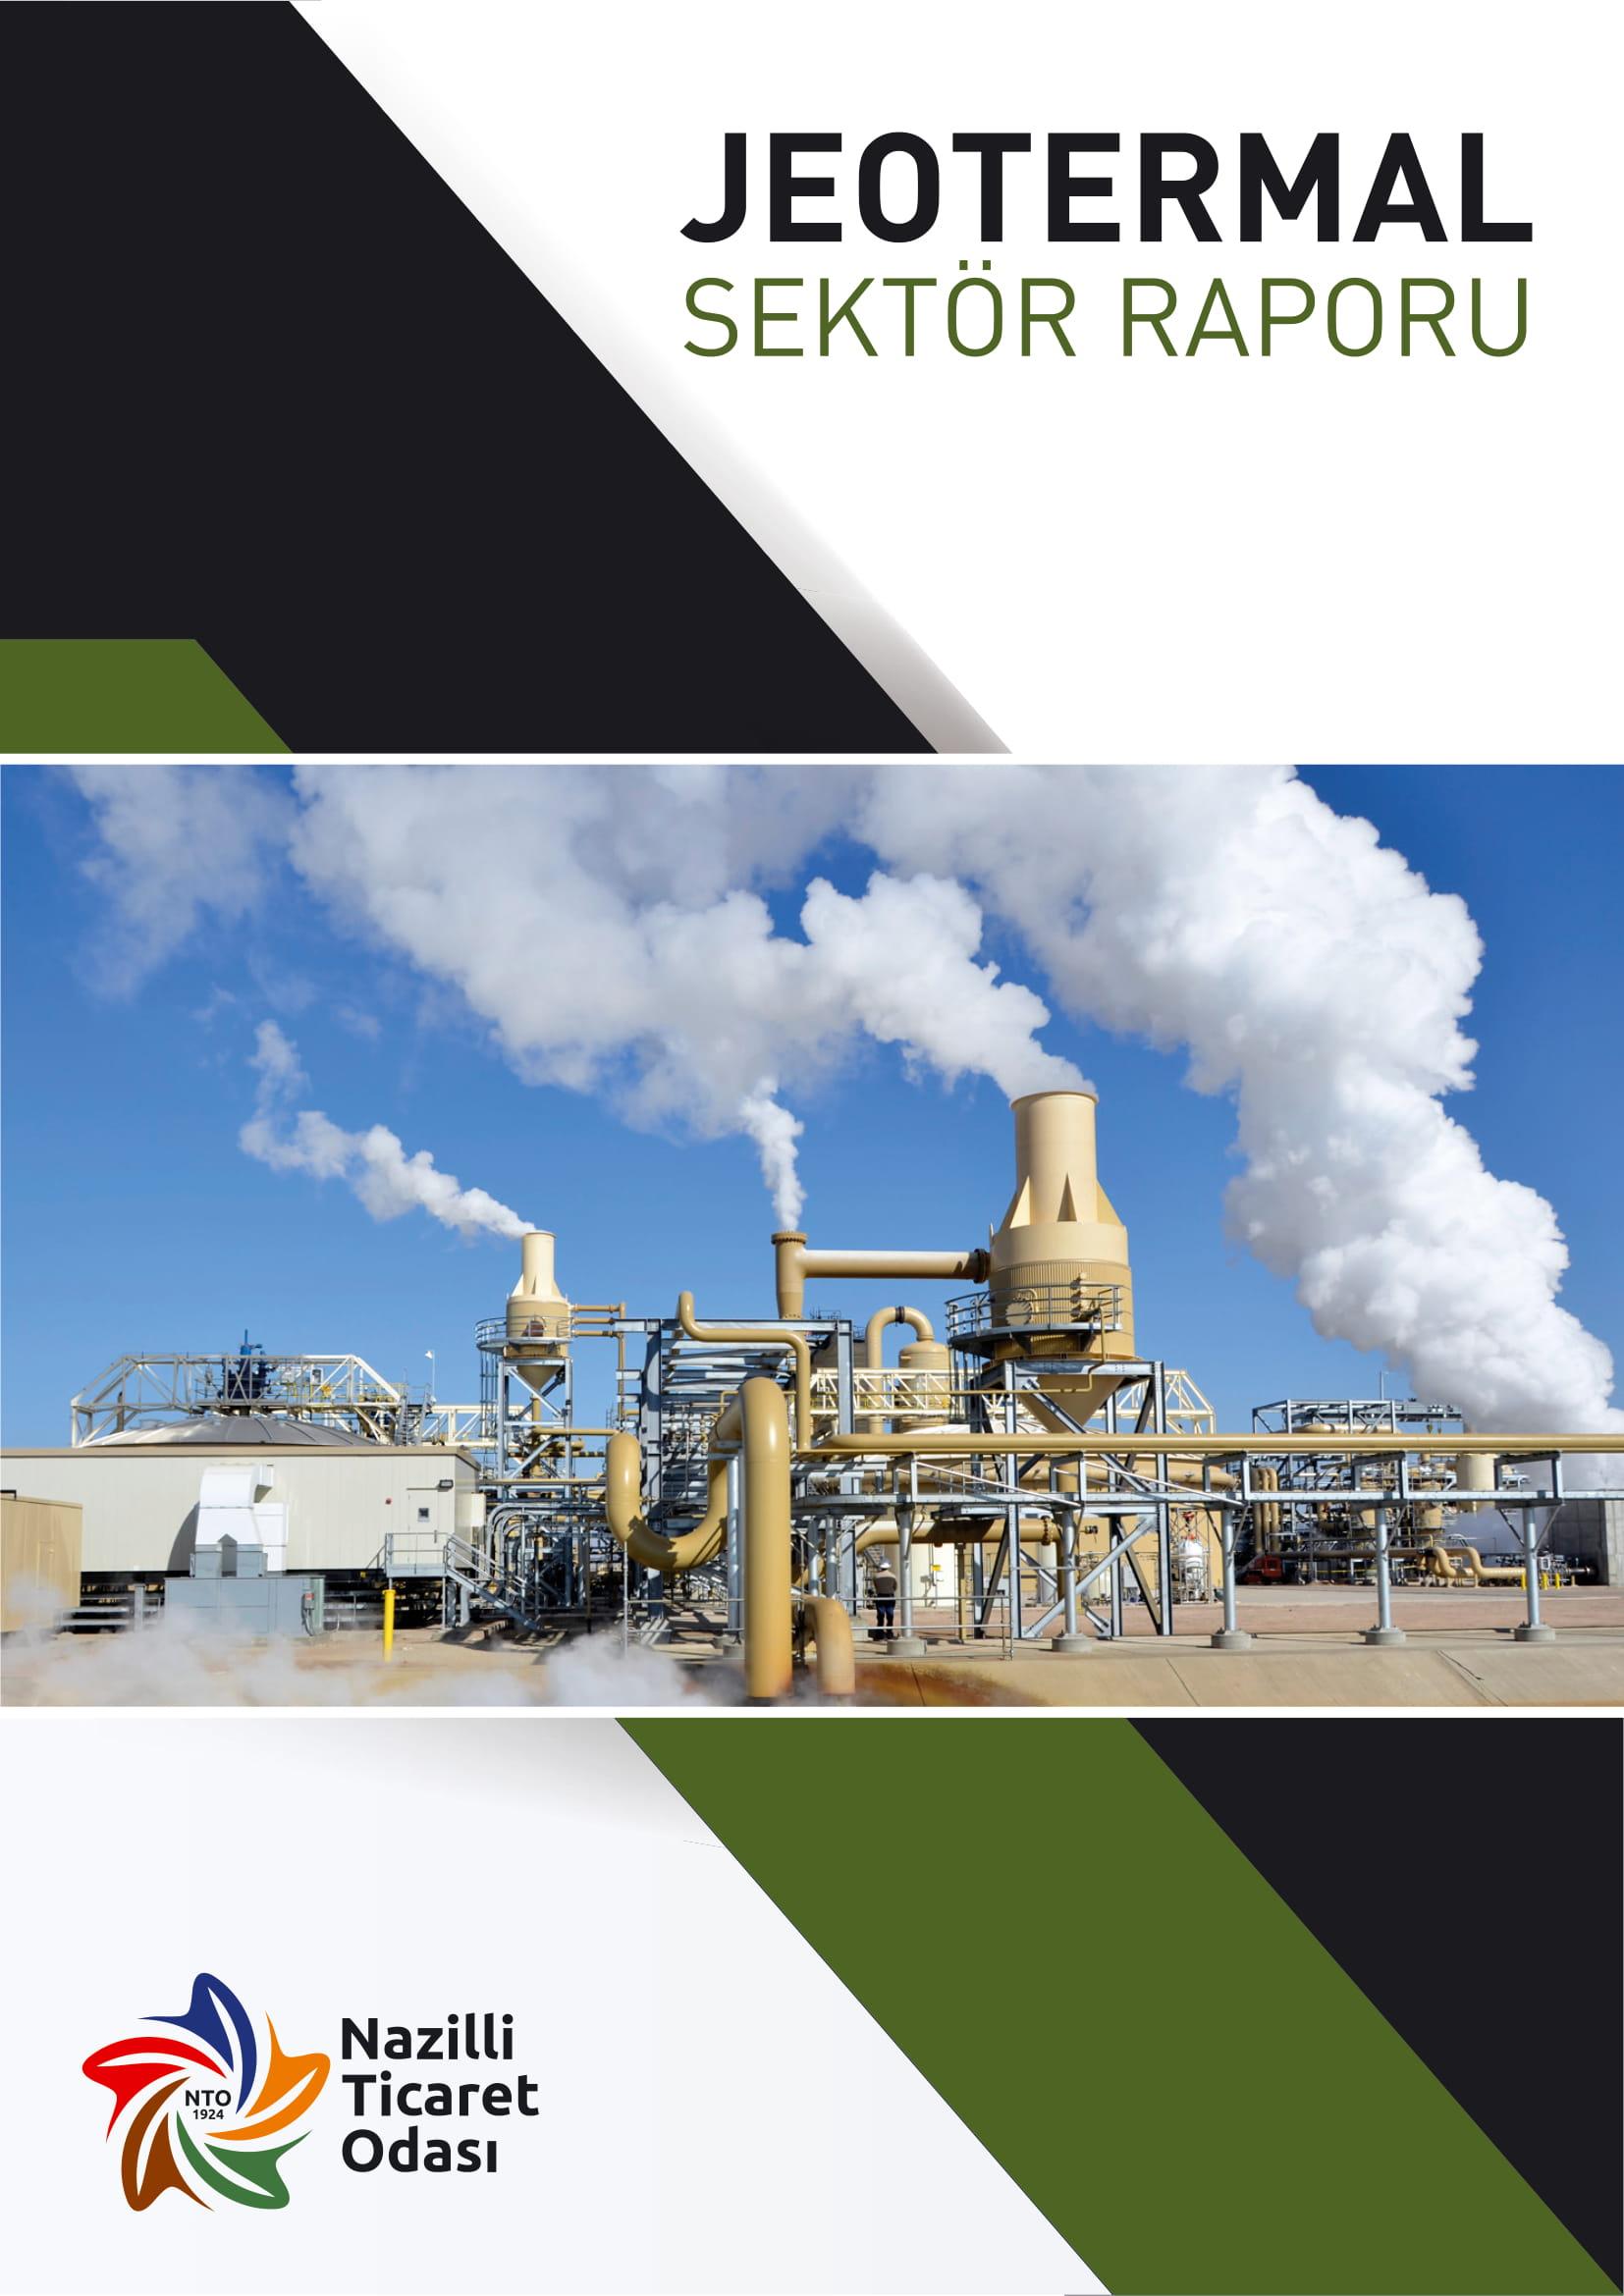 jeotermal-sektor-raporu-01